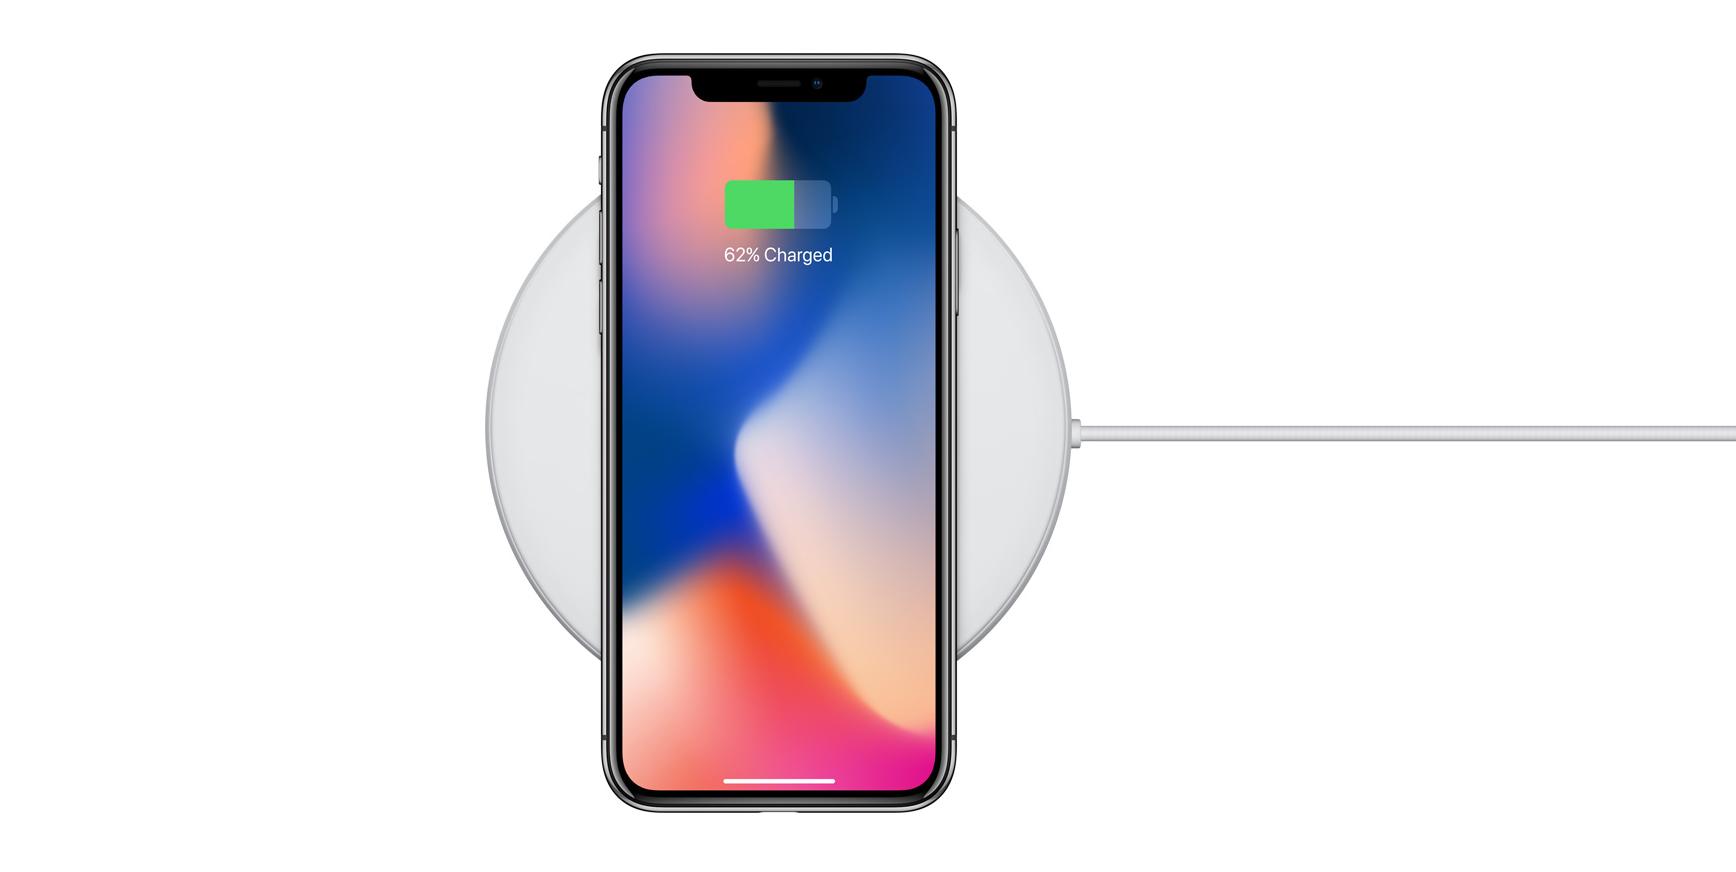 Nové iPhony podporují také rychlé nabíjení